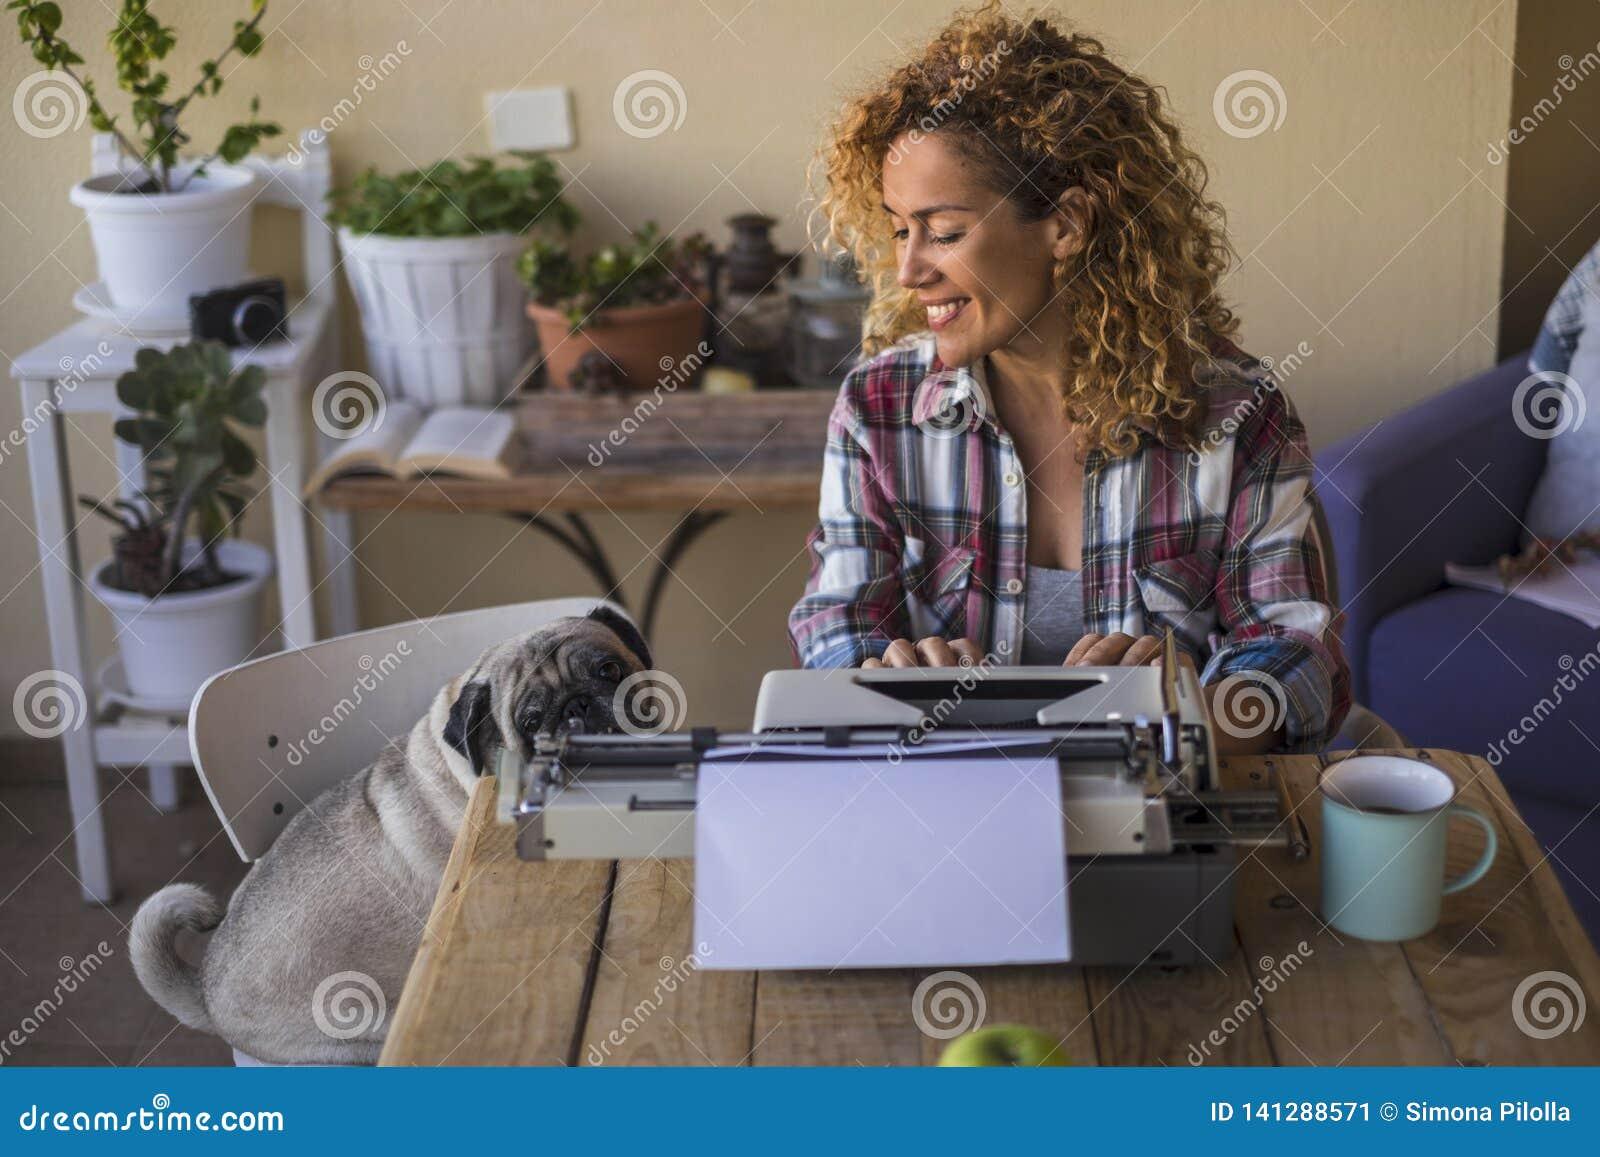 Donna caucasica graziosa di medio evo utilizzare una vecchia macchina da scrivere per scrivere un blog o un libro all aperto vici